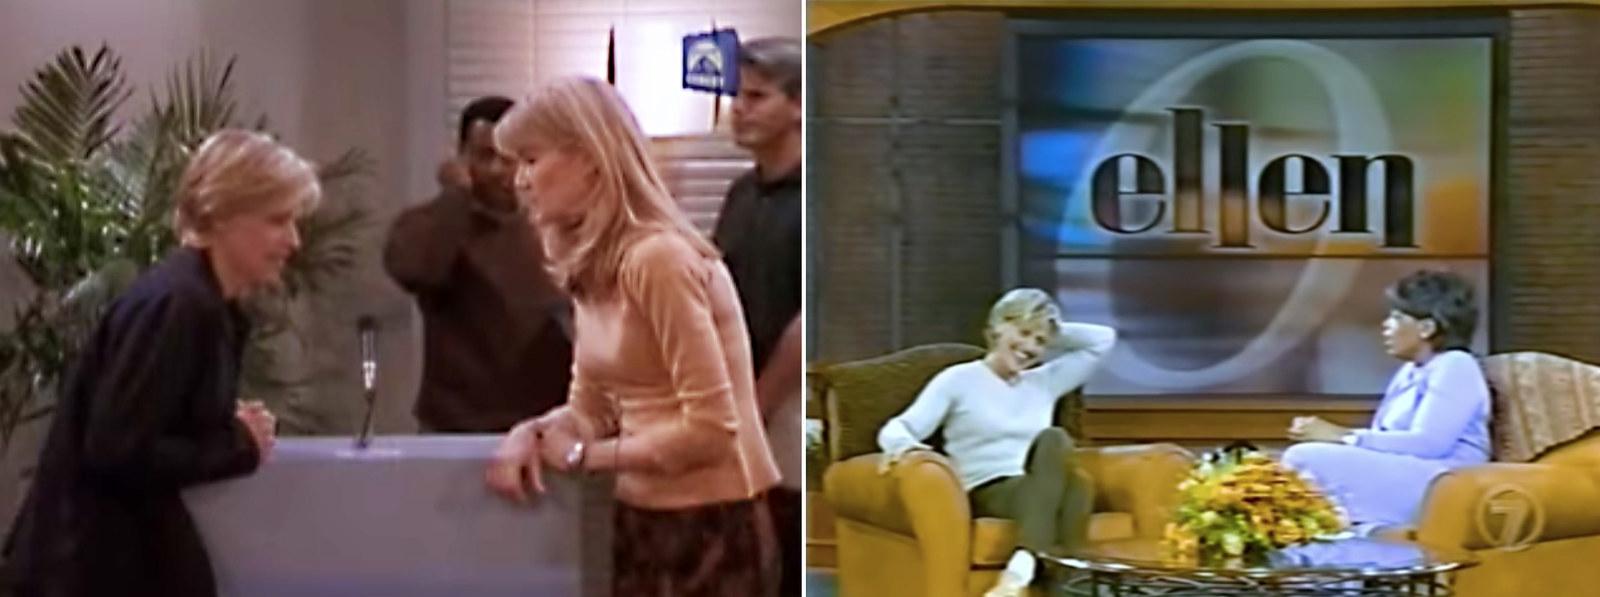 """DeGeneres and Laura Dern in """"The Puppy Episode""""; DeGeneres with Oprah Winfrey in 1997."""